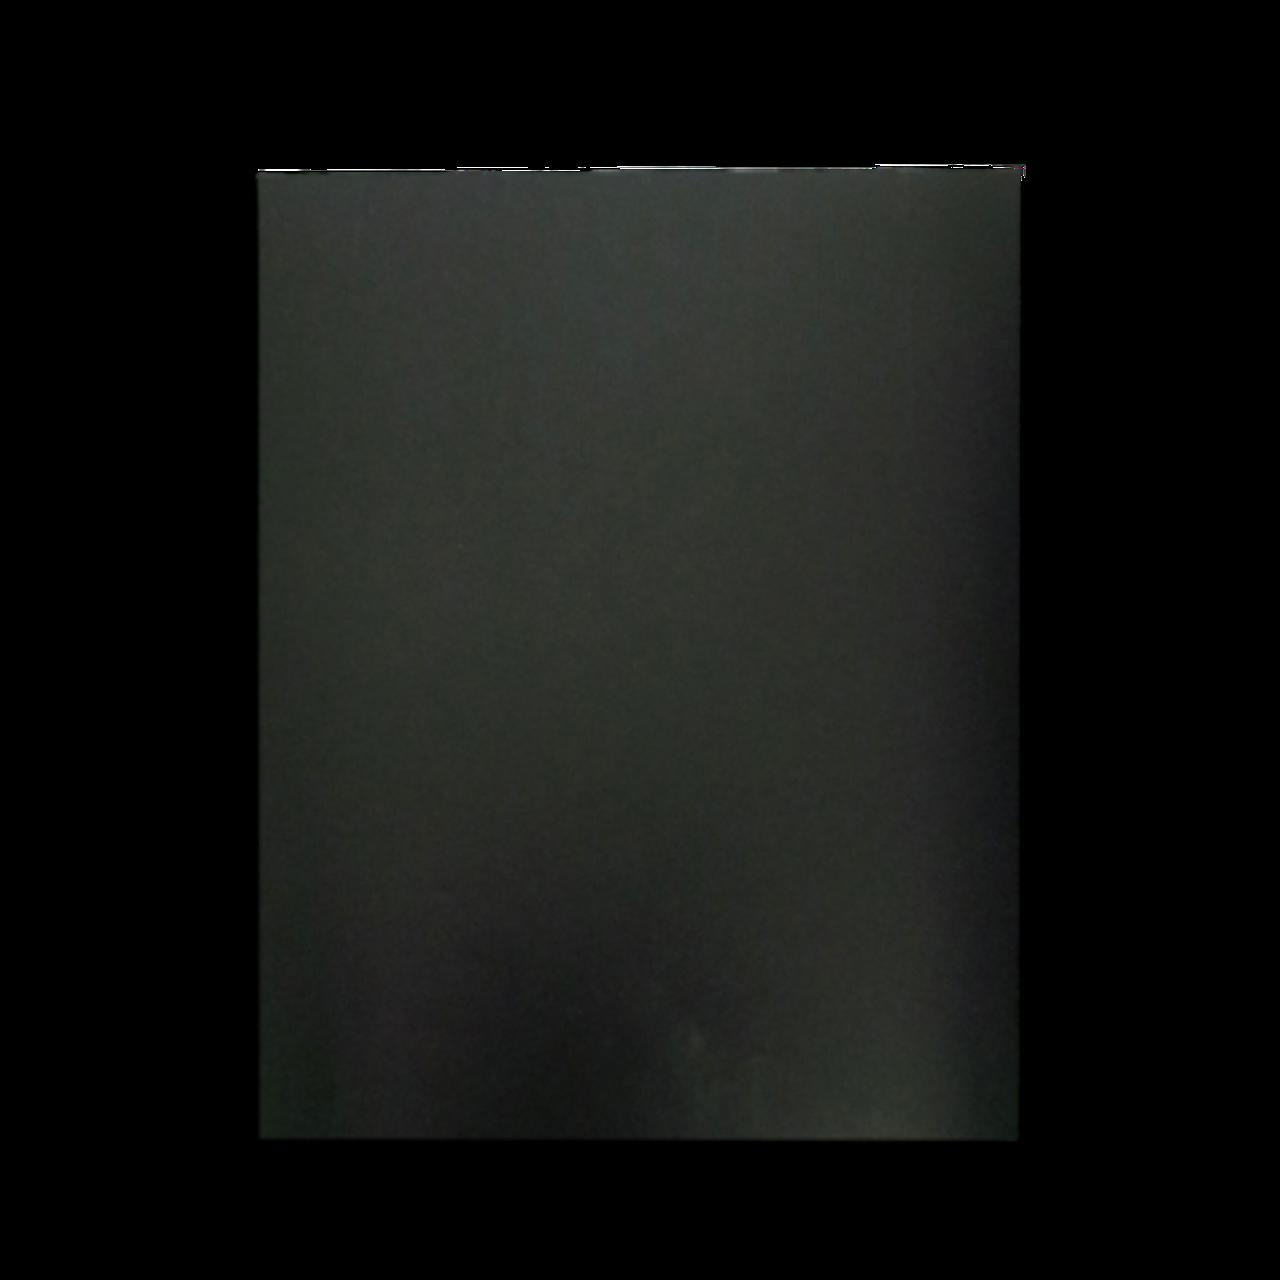 Mirka Wet & Dry Sheet (Single)